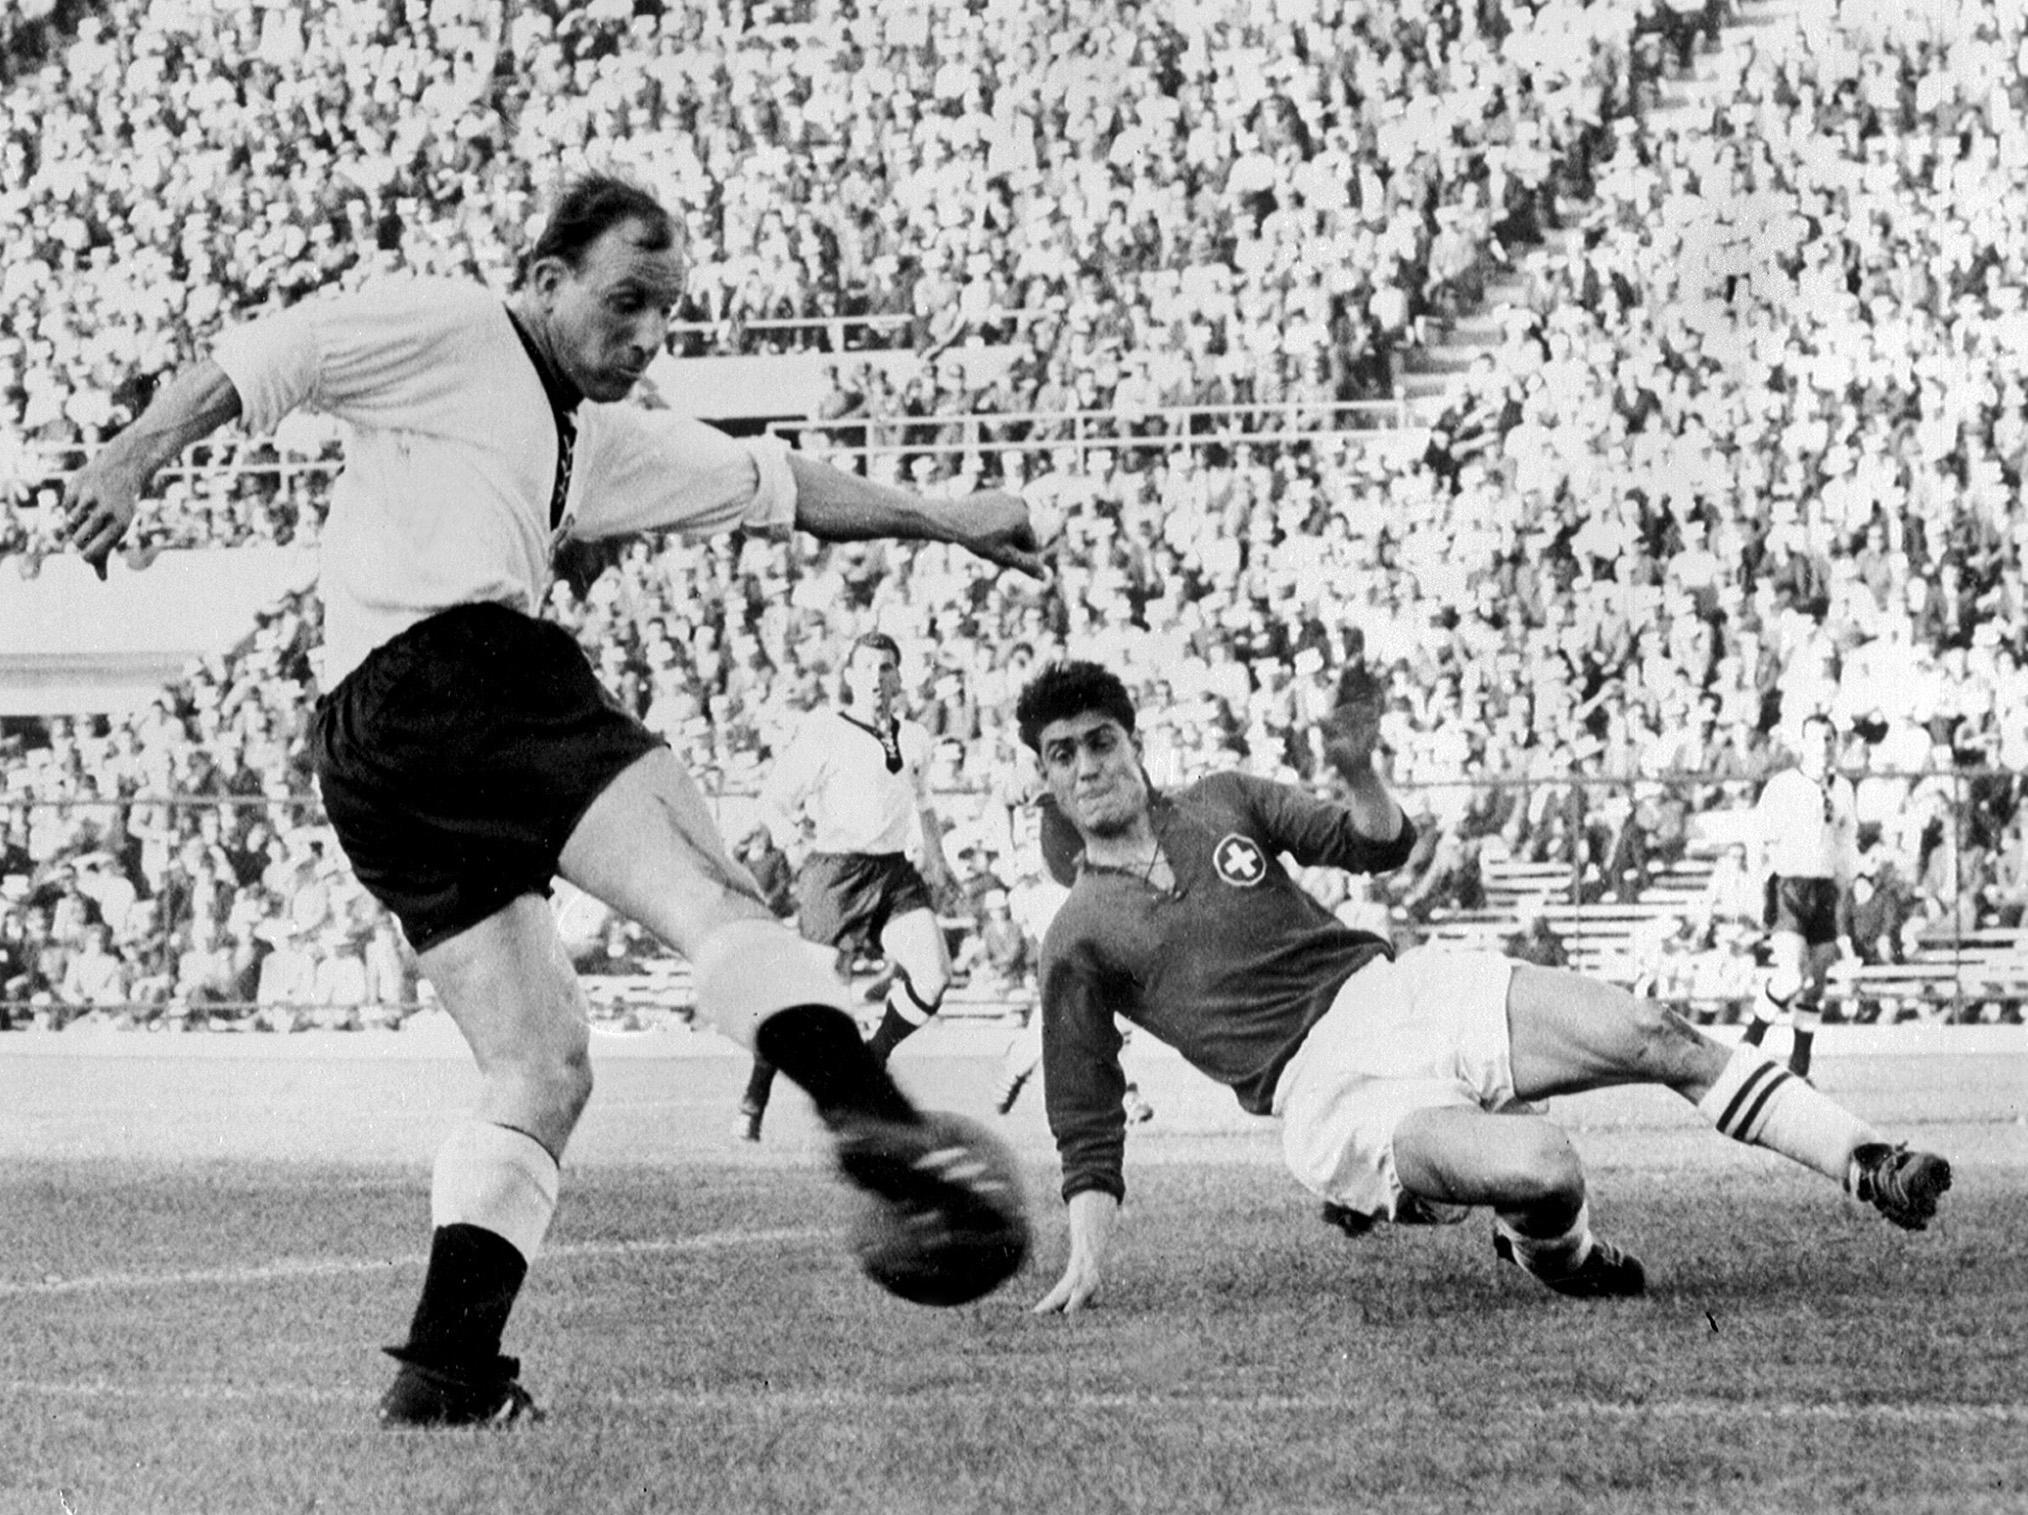 نتيجة بحث الصور عن مباراة يوغوسلافيا وتشيكوسلوفاكيا 1962